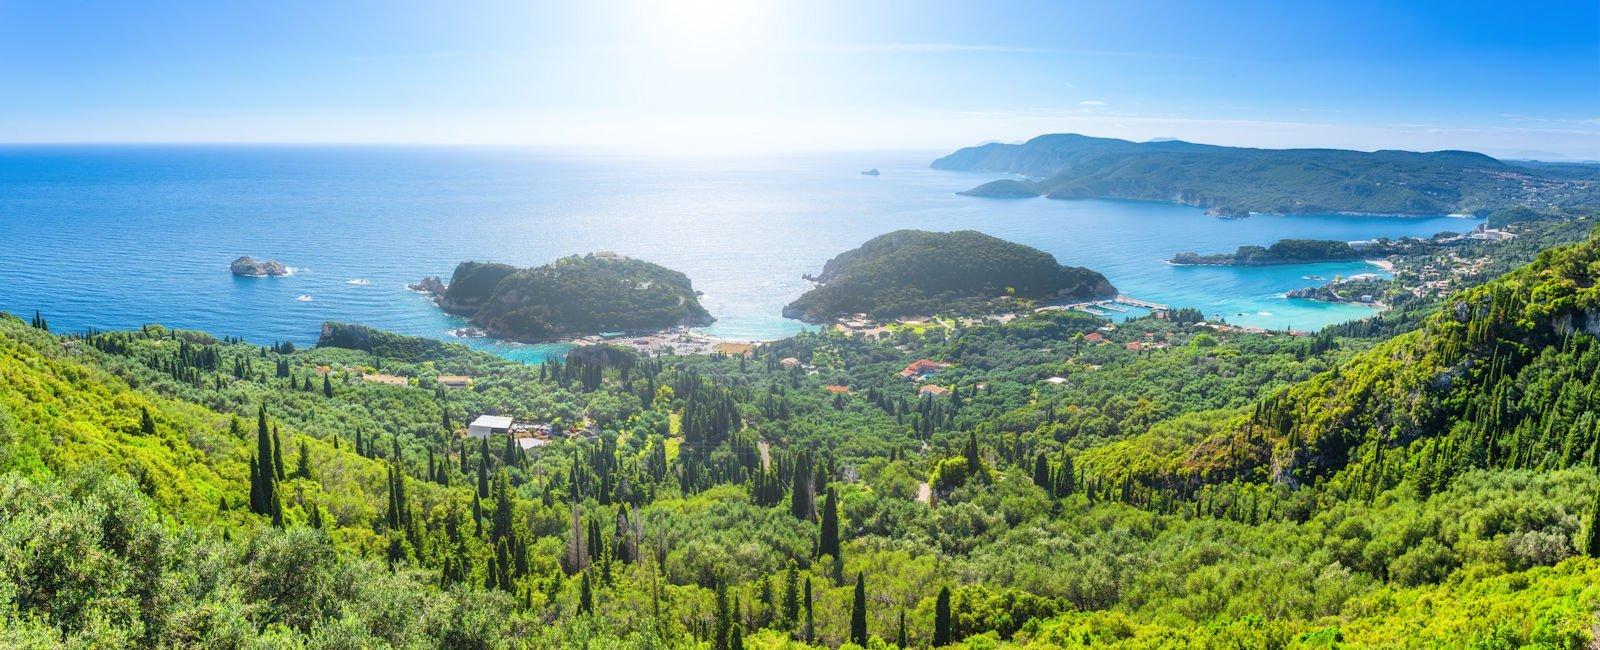 Super Reducere Sejur Charter 2020 Corfu din Bucuresti 7 nopti de la 549 Euro/persoana/sejur!